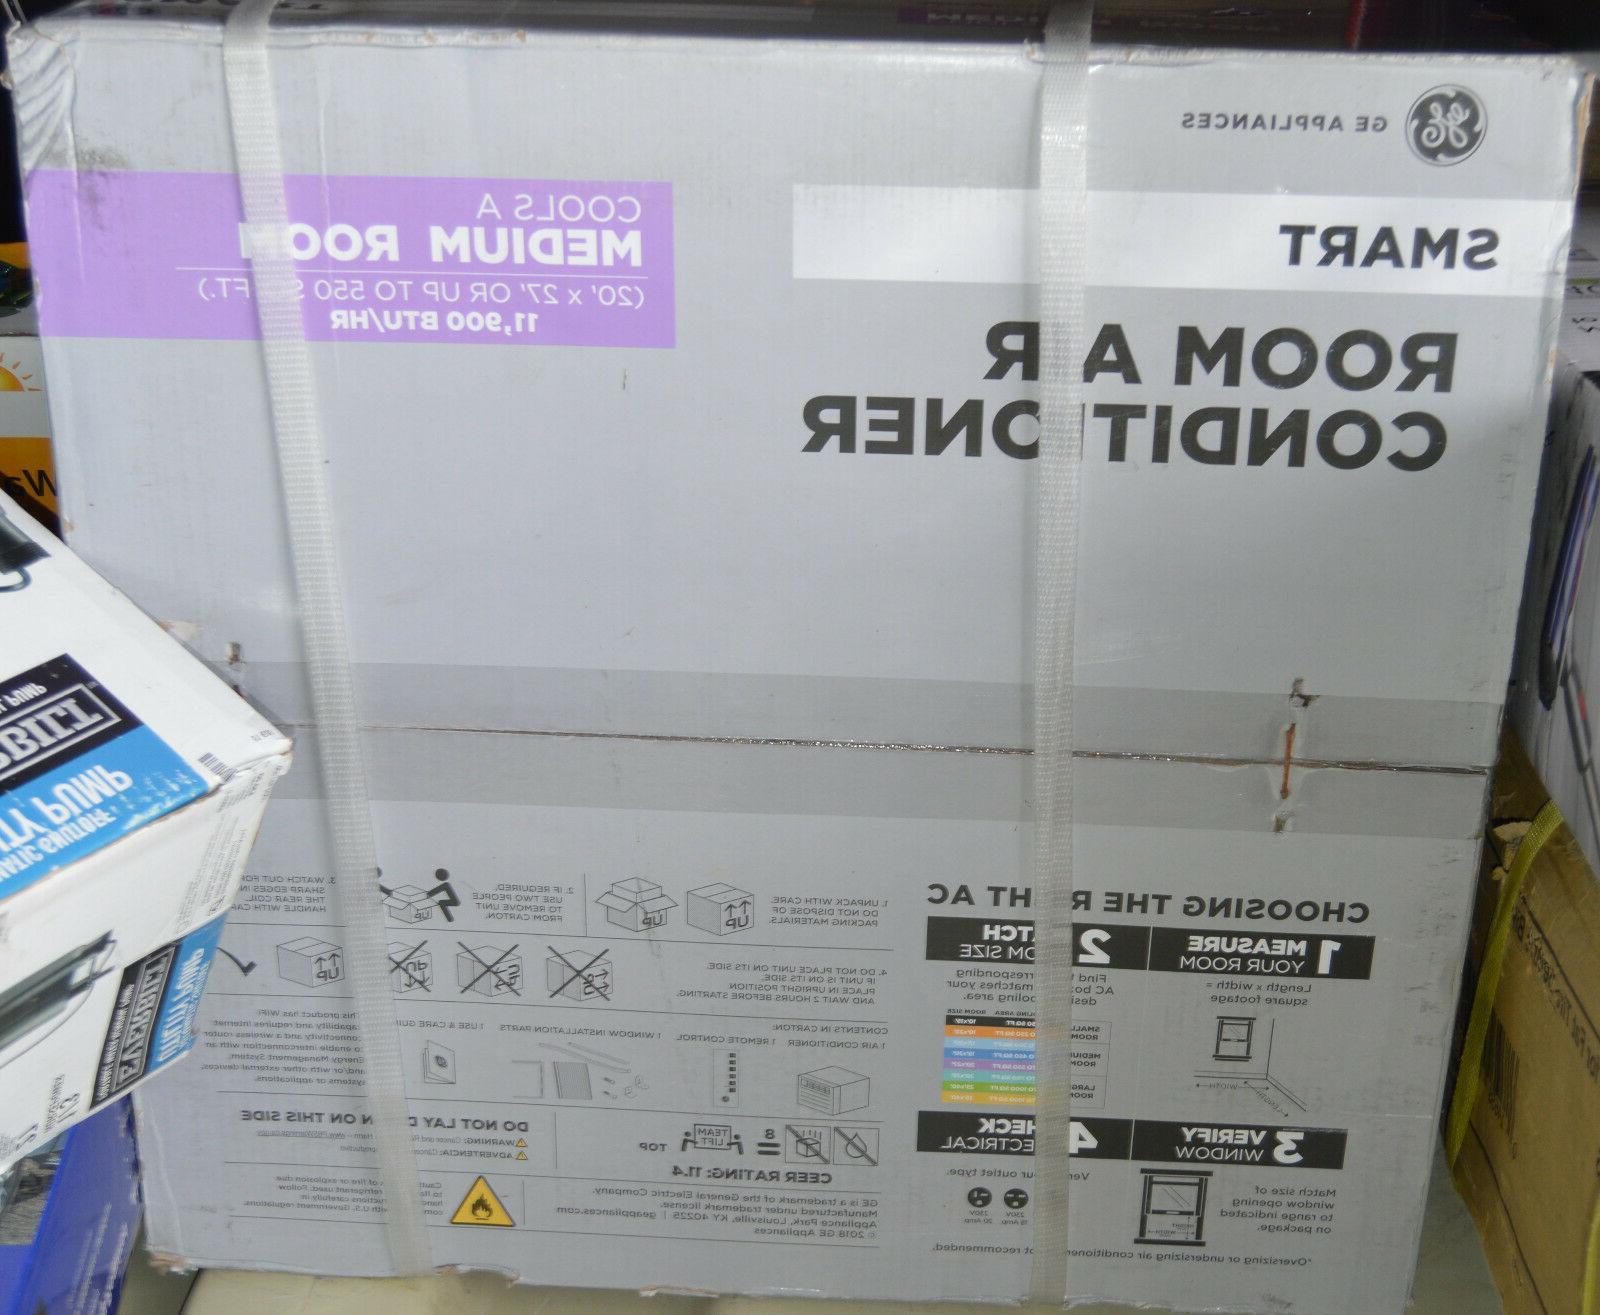 GE Smart Room Air Conditioner BTU